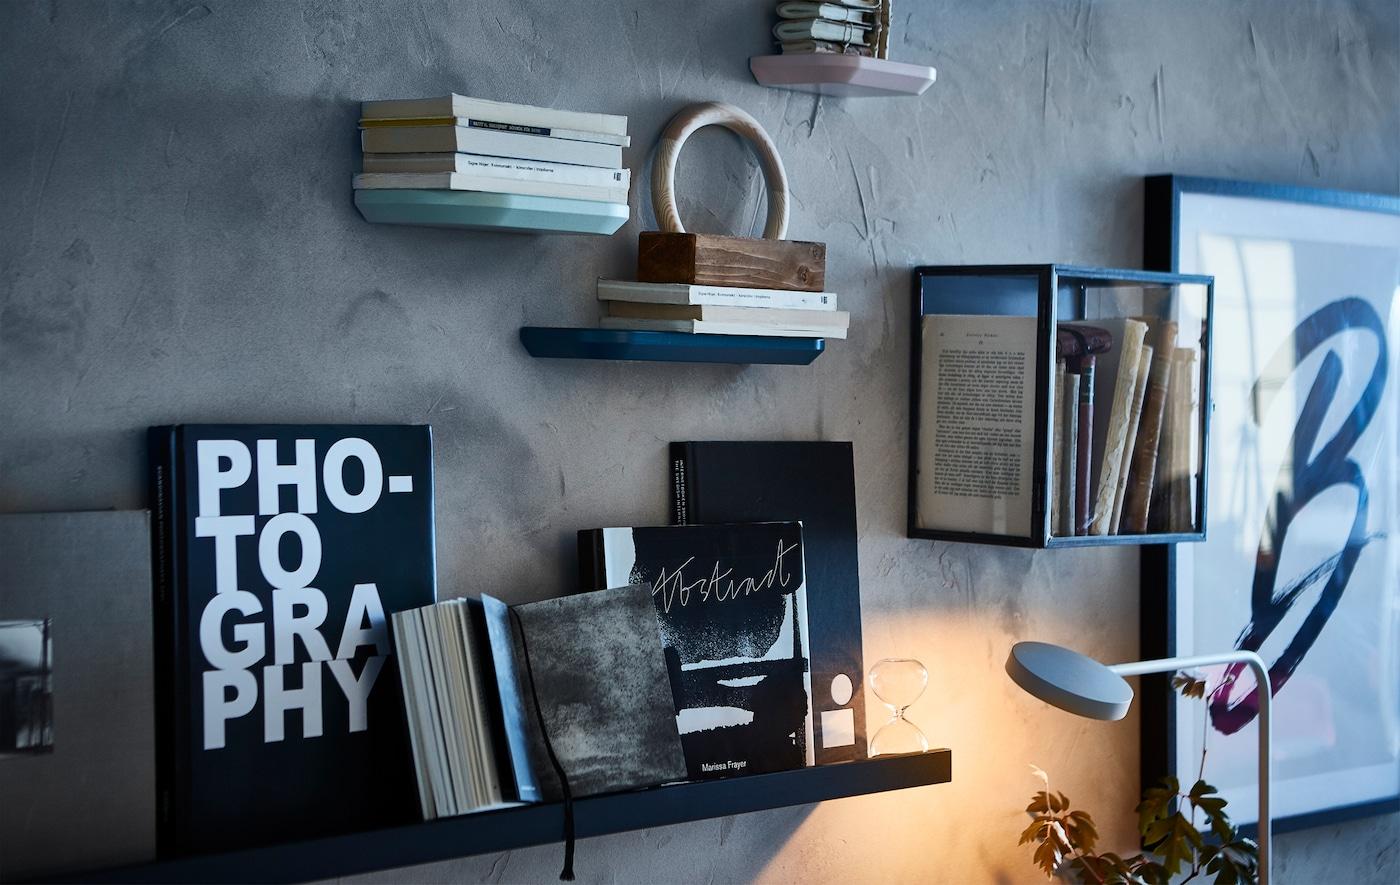 هل أنت من عشاق الكتب؟ قم بعرض كتبك على حائط معرض باستخدام صناديق العرض ورفوف الصور مثل رف الصور MOSSLANDA من ايكيا. إنه يوفر لك رفًا صغيرًا يمكنك وضع كتبك عليه والاستمتاع بمظهر أغلفتها. كما يمكنه حمل <bdo1>7.5</bdo> كيلو جرامات.